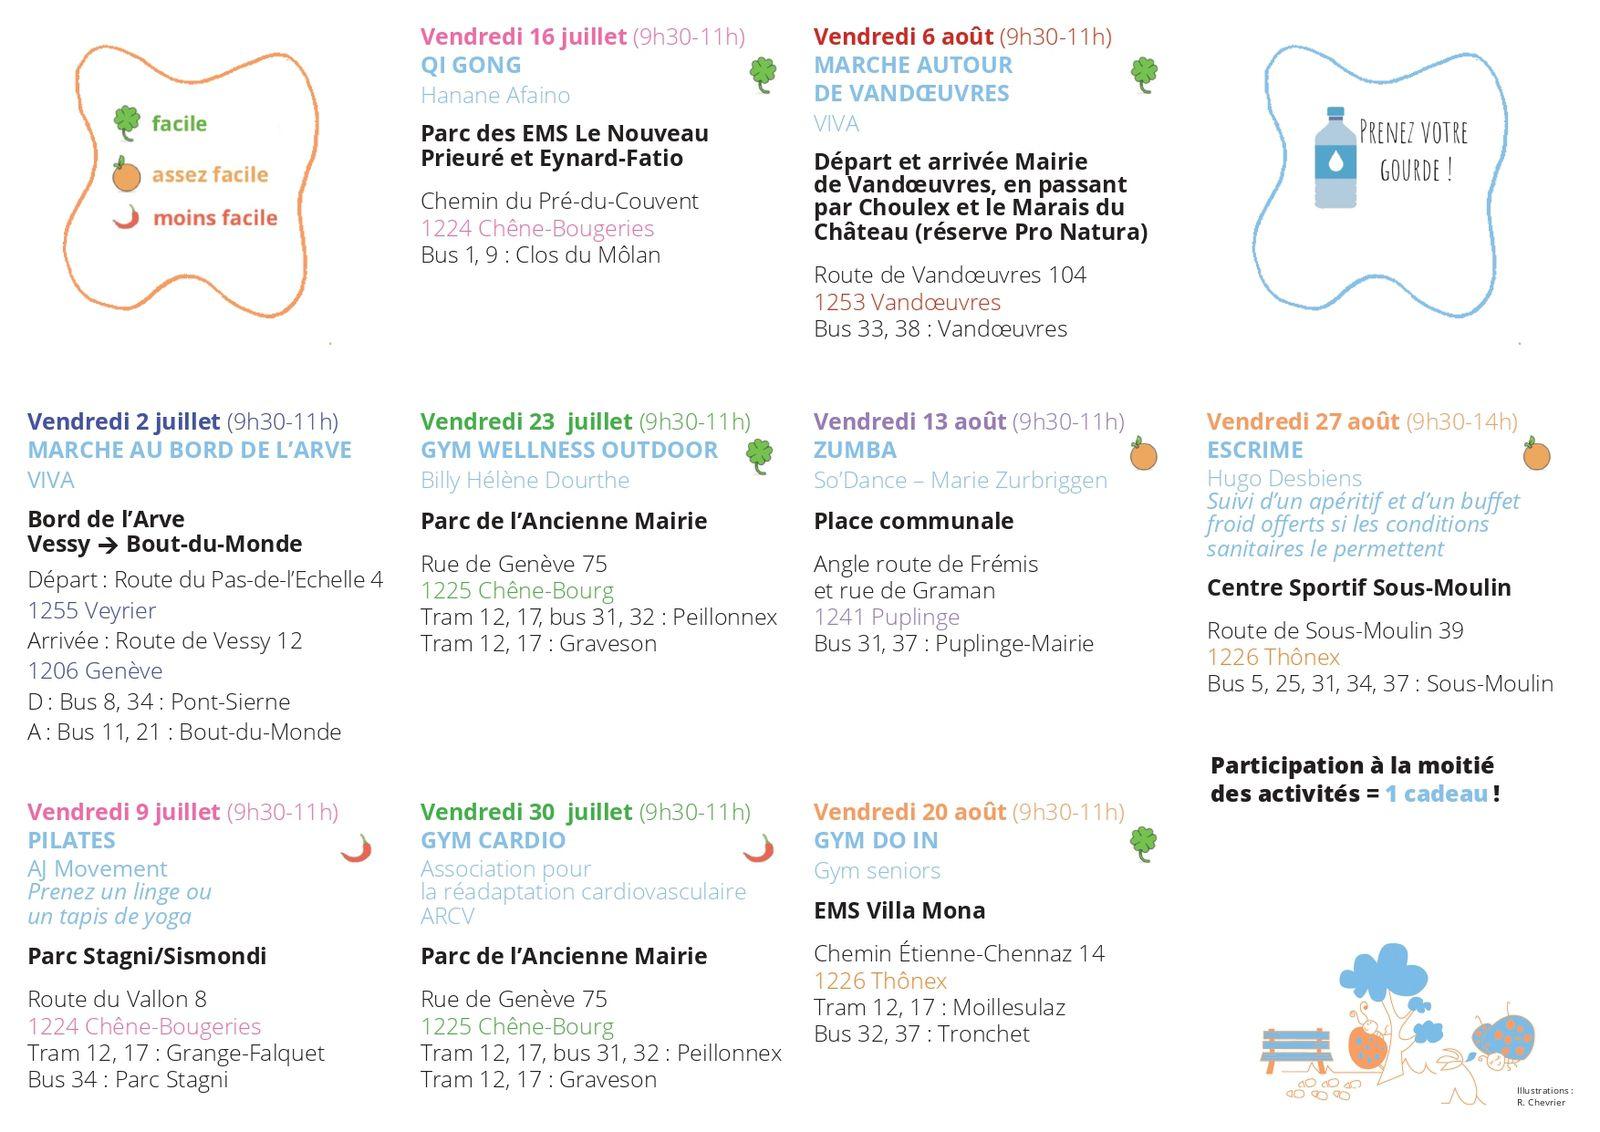 Passeport Santé 2021 - Le programme de la Rive Gauche est terminé